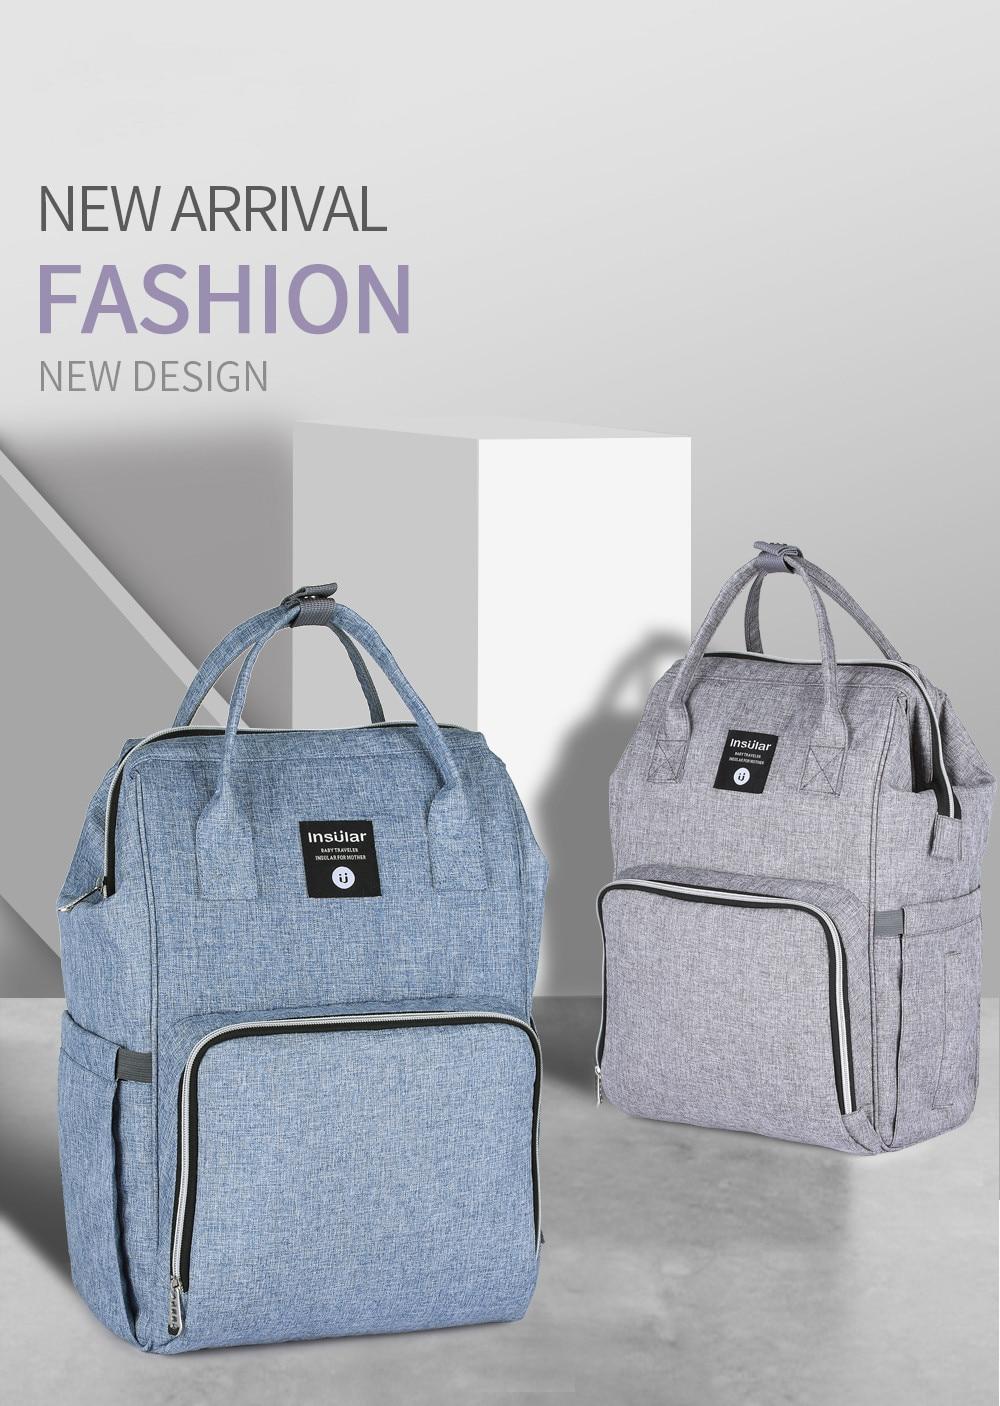 Новый Многофункциональный модный рюкзак с двойным плечом для мамы большая емкость товары для матери и ребенка водонепроницаемый рюкзак дл...